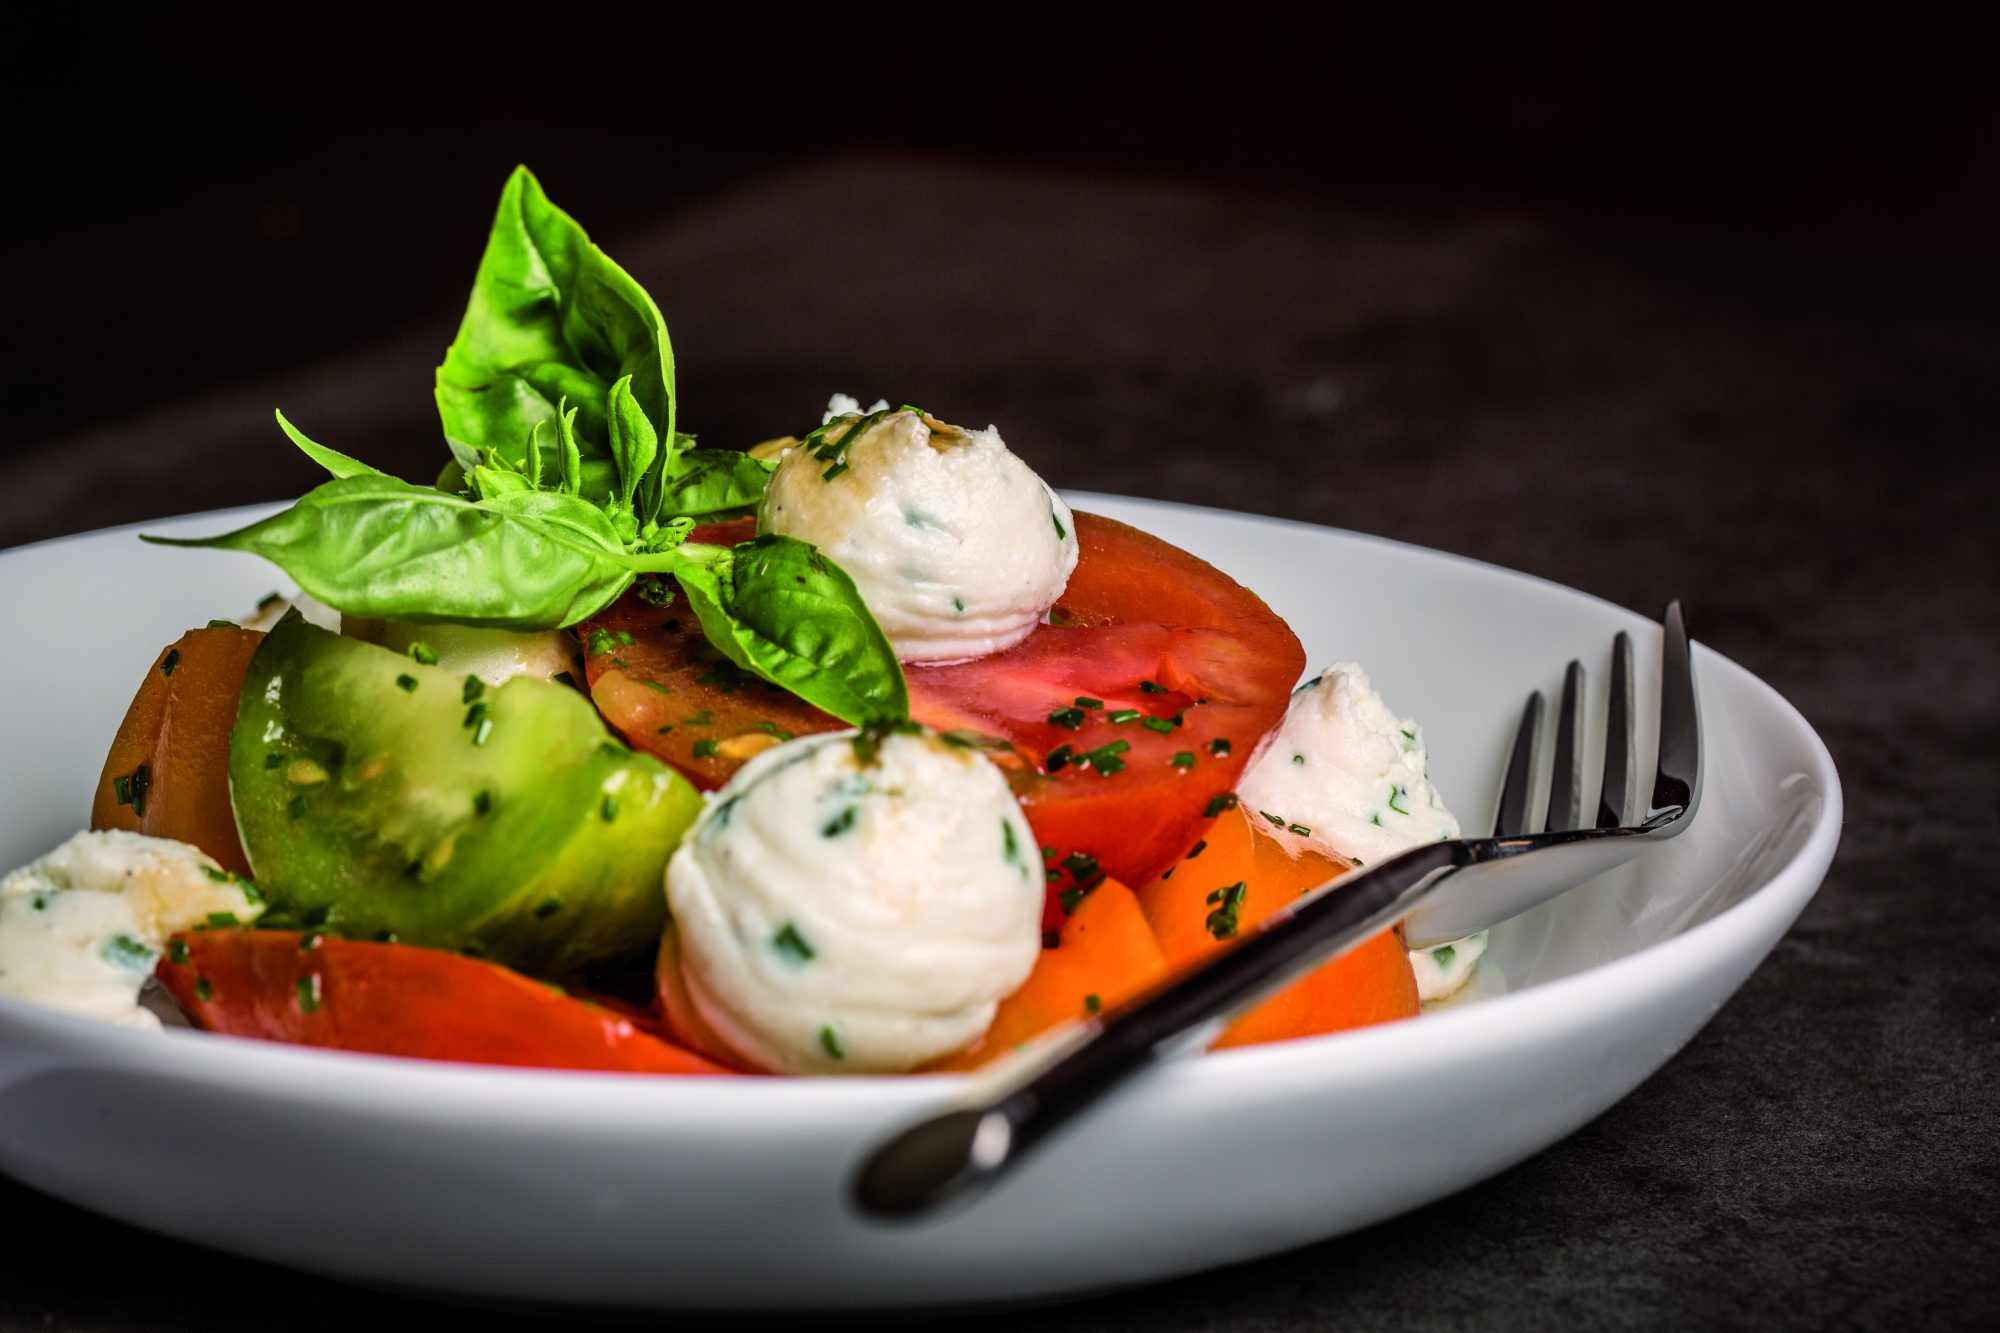 salade tomates brousse de chevre_cafearsene_creditCREAZZ